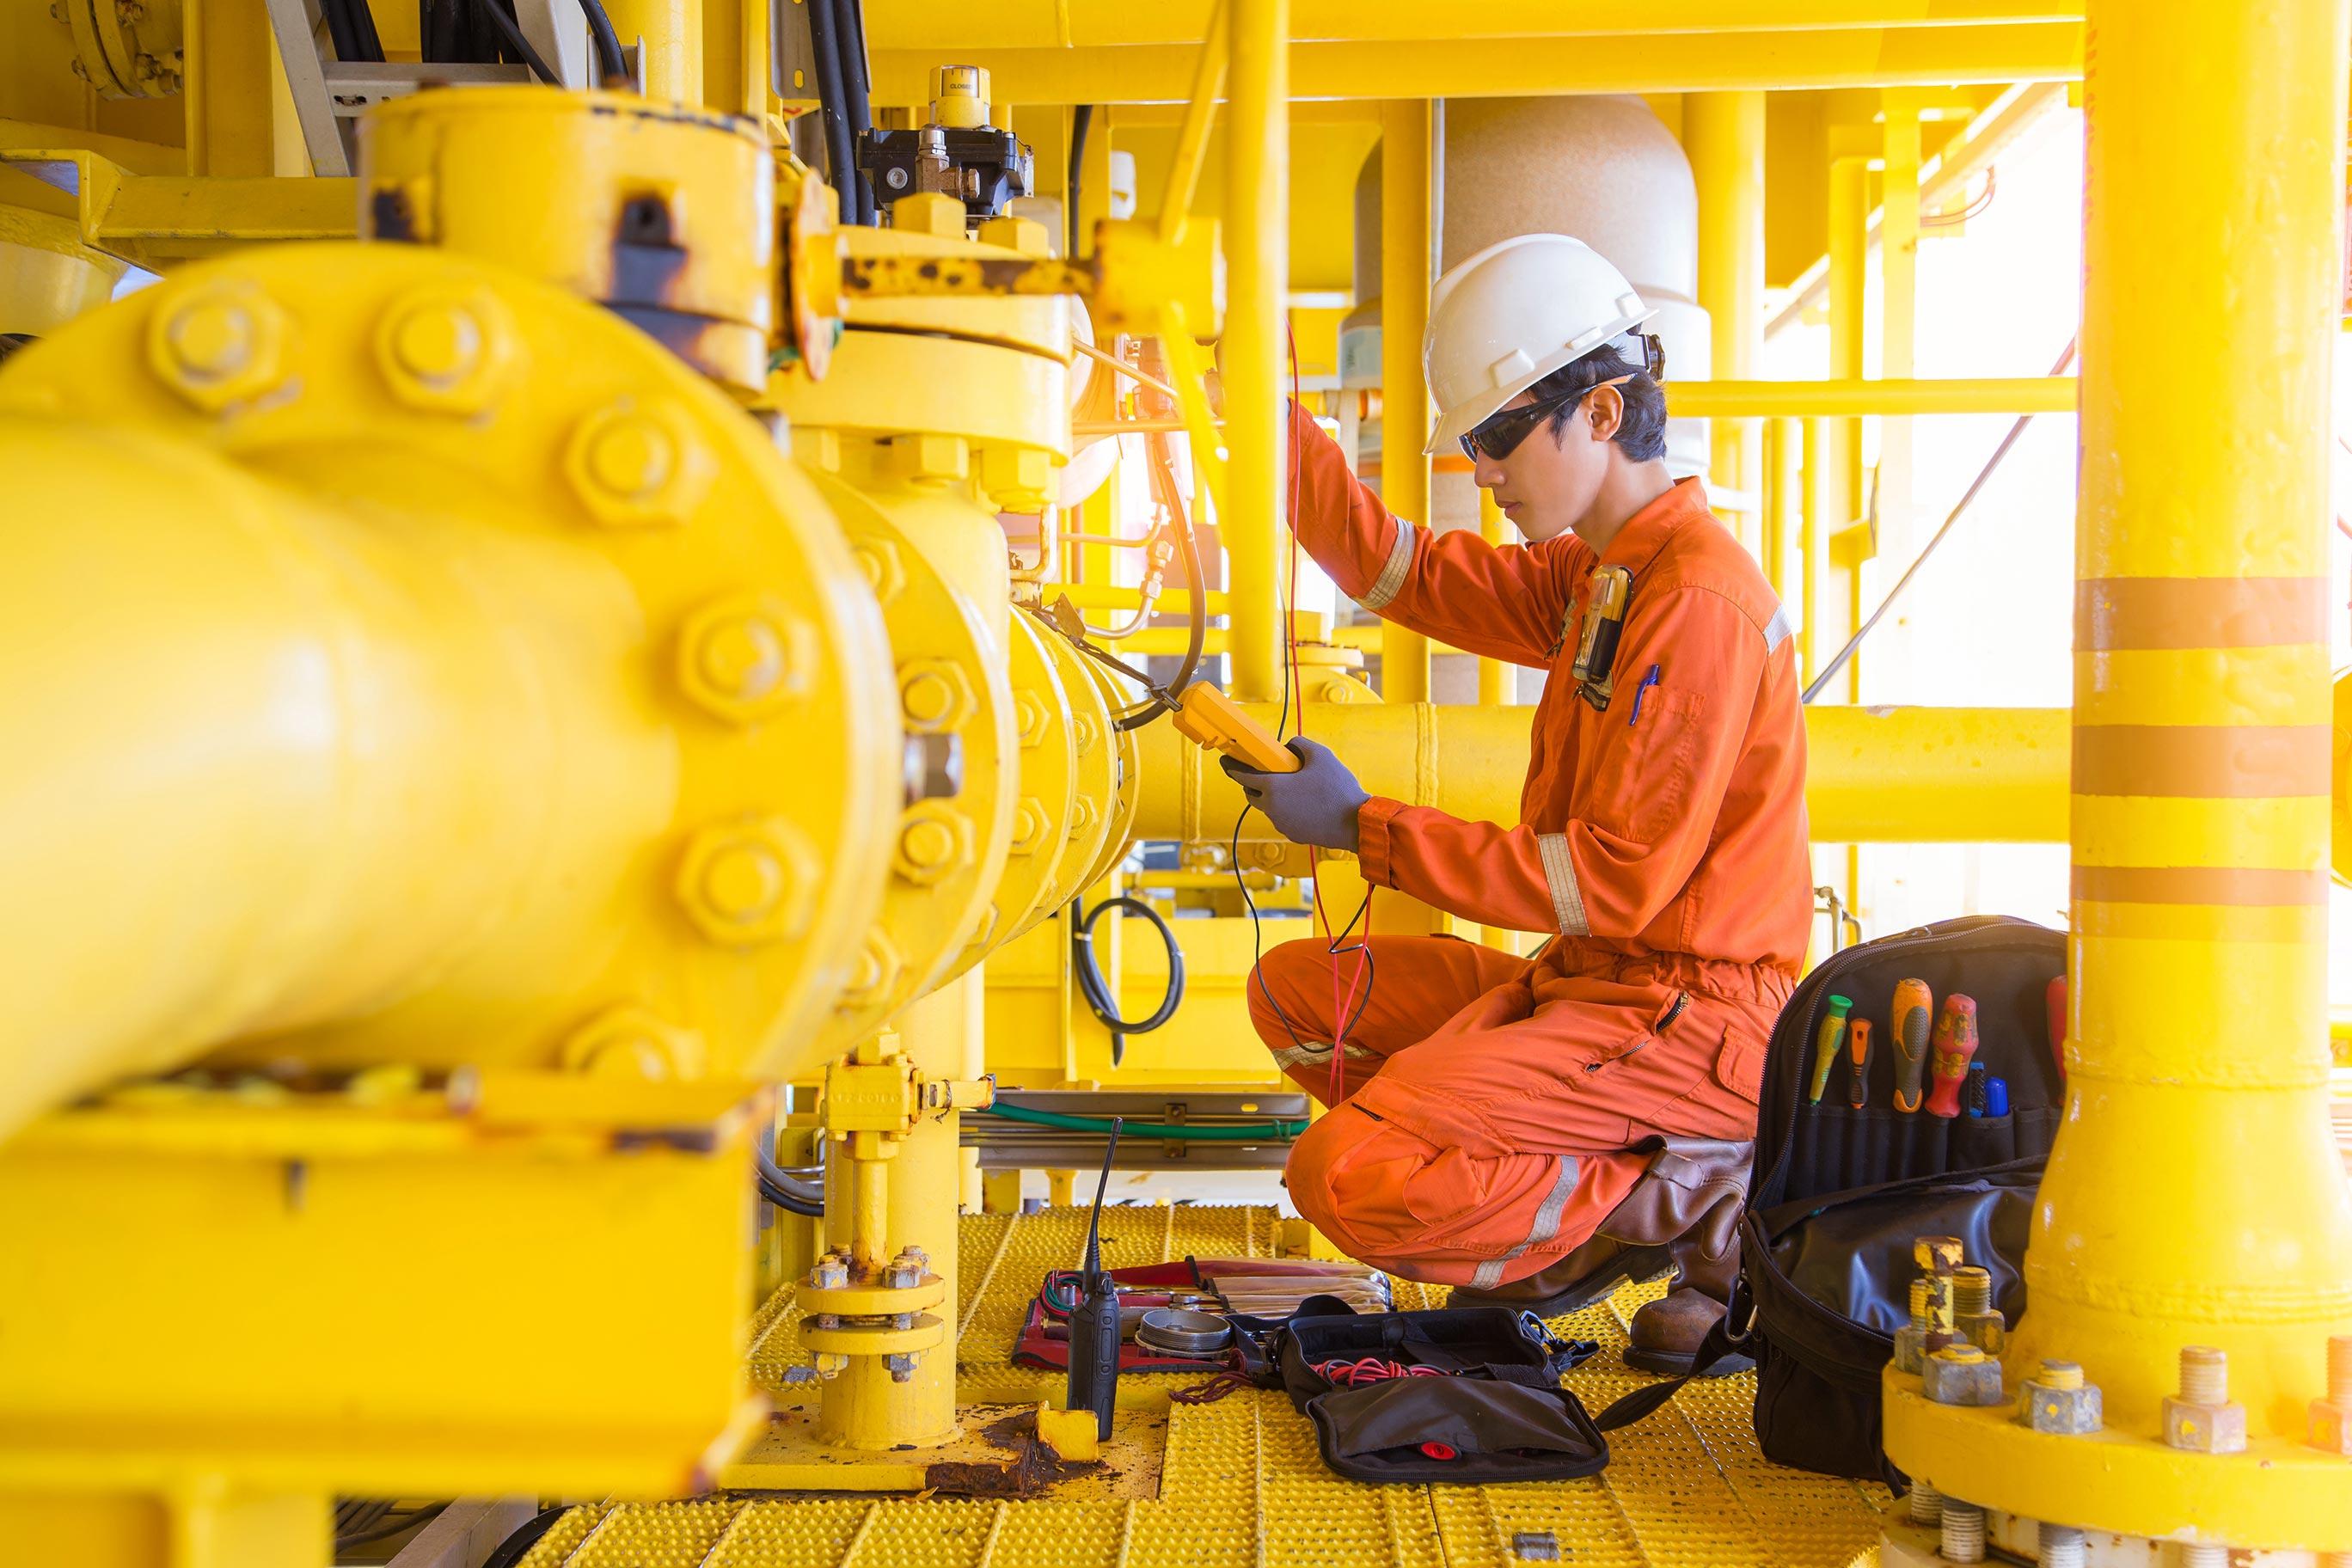 Elektriker sjekker spenning på offshore plattform